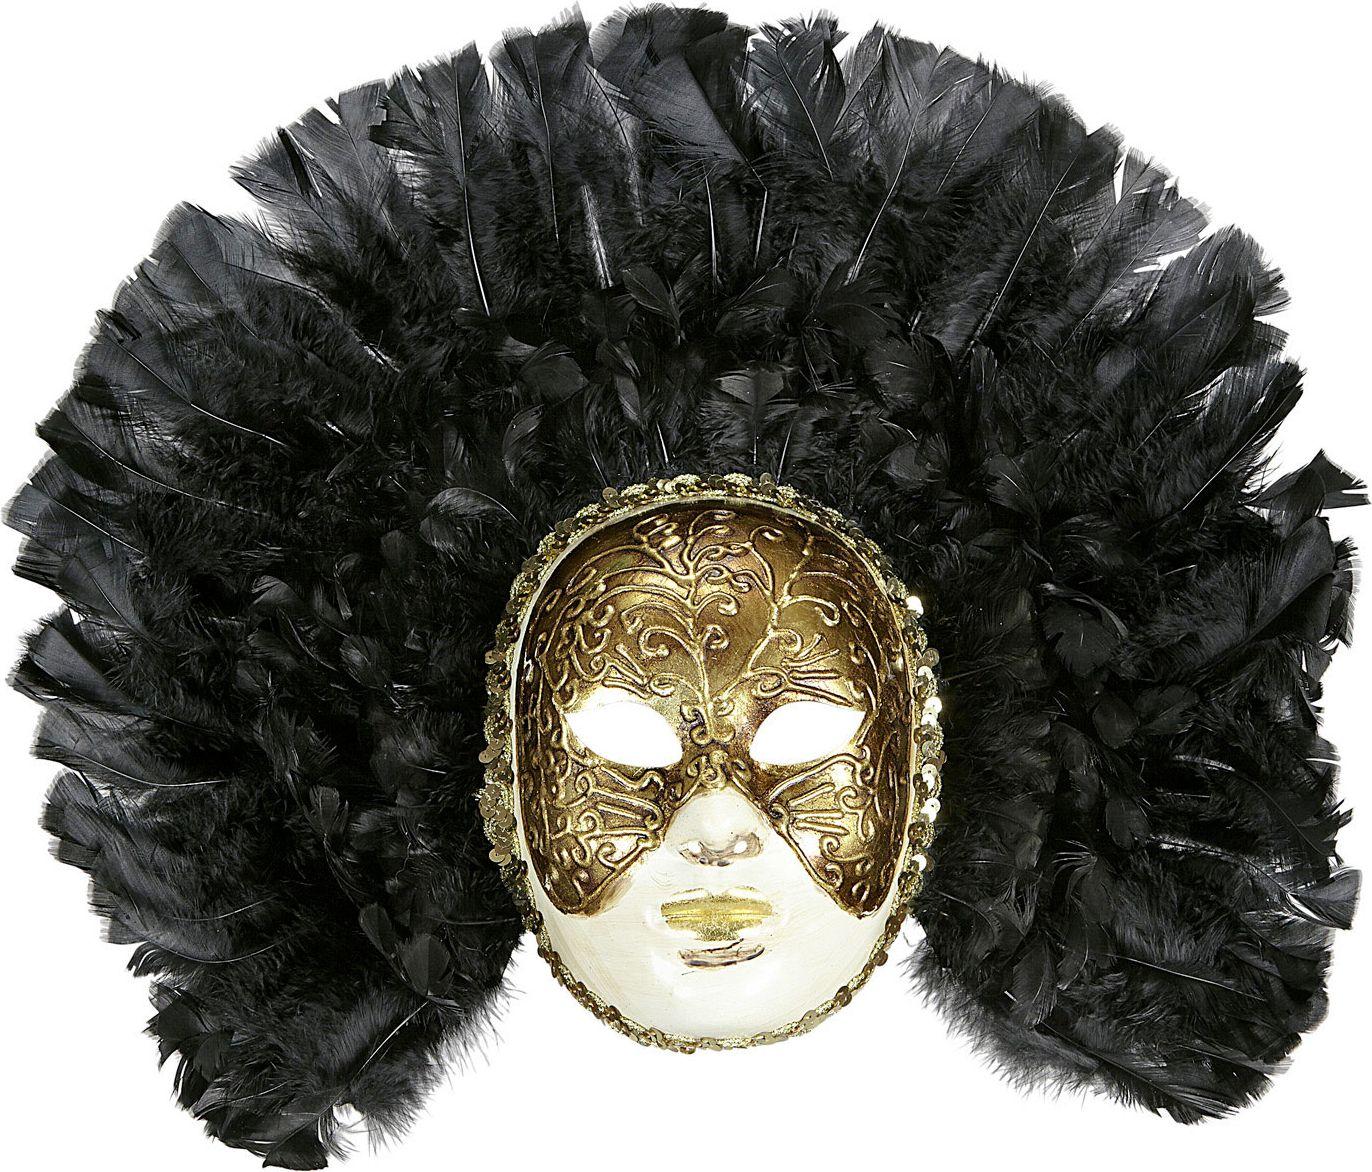 Fidelio masker met zwarte veren